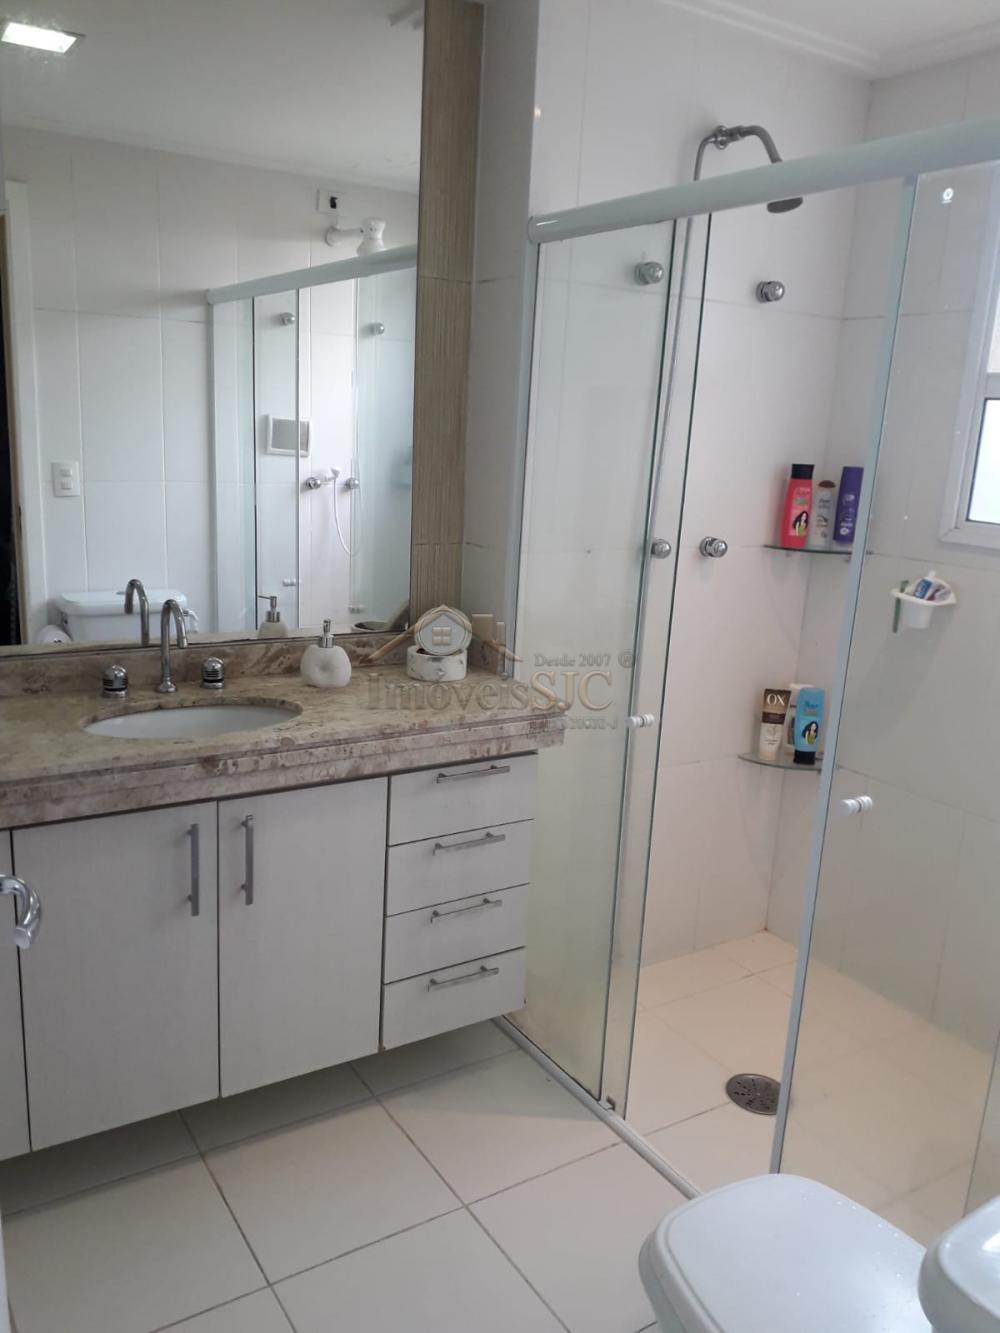 Alugar Apartamentos / Padrão em São José dos Campos R$ 7.500,00 - Foto 28